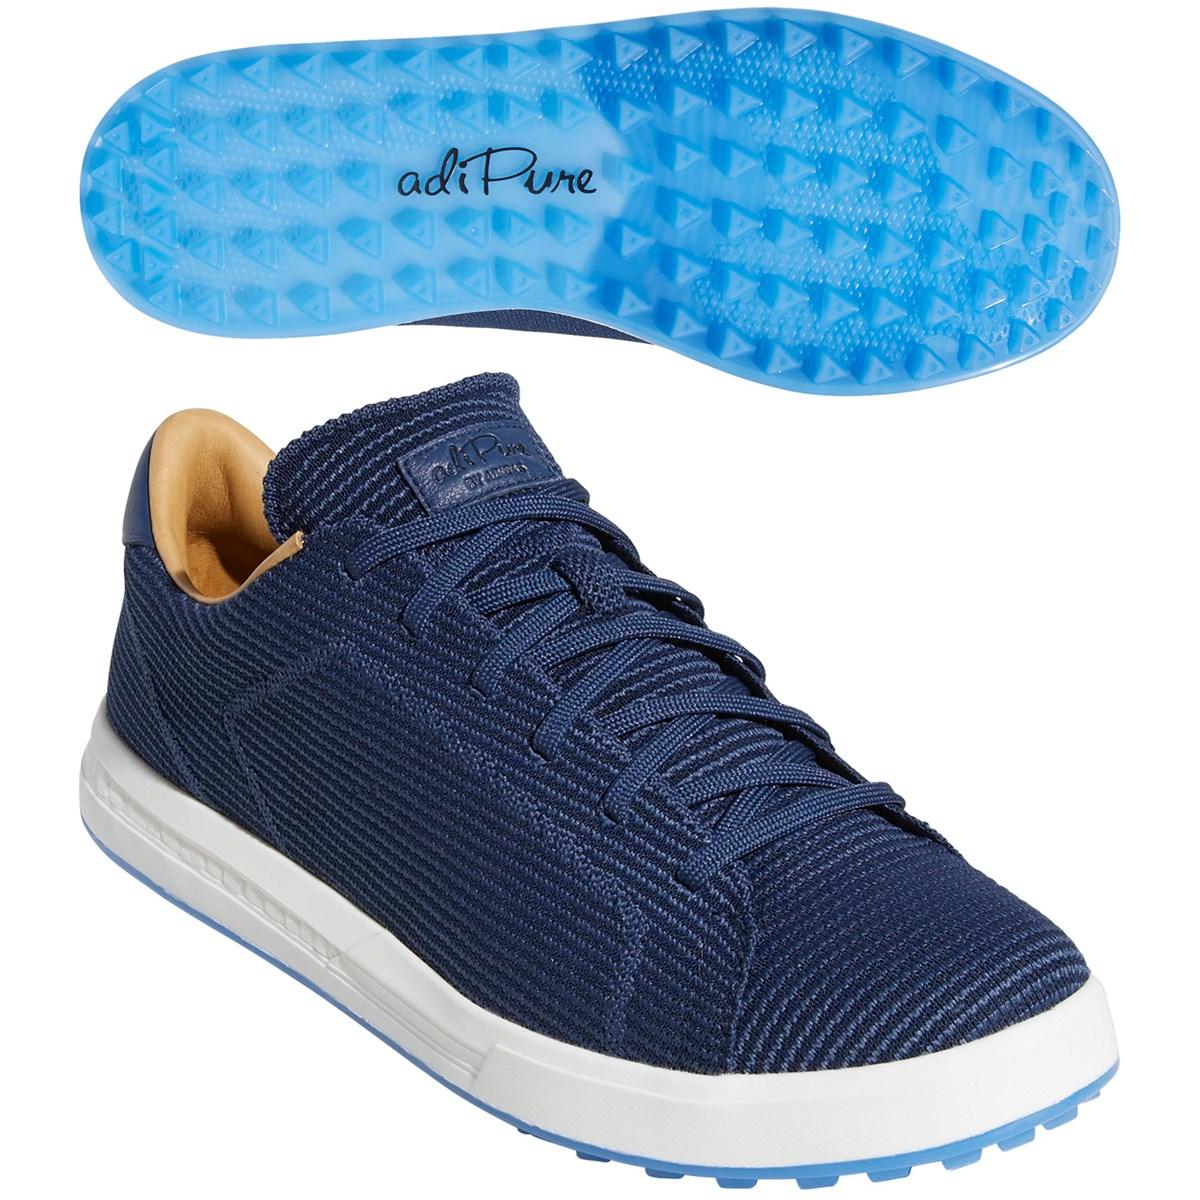 アディダス Adidas アディピュア SP ニット シューズ 24.5cm リッチブルー/カレッジネイビー/トゥルーブルー BB7890